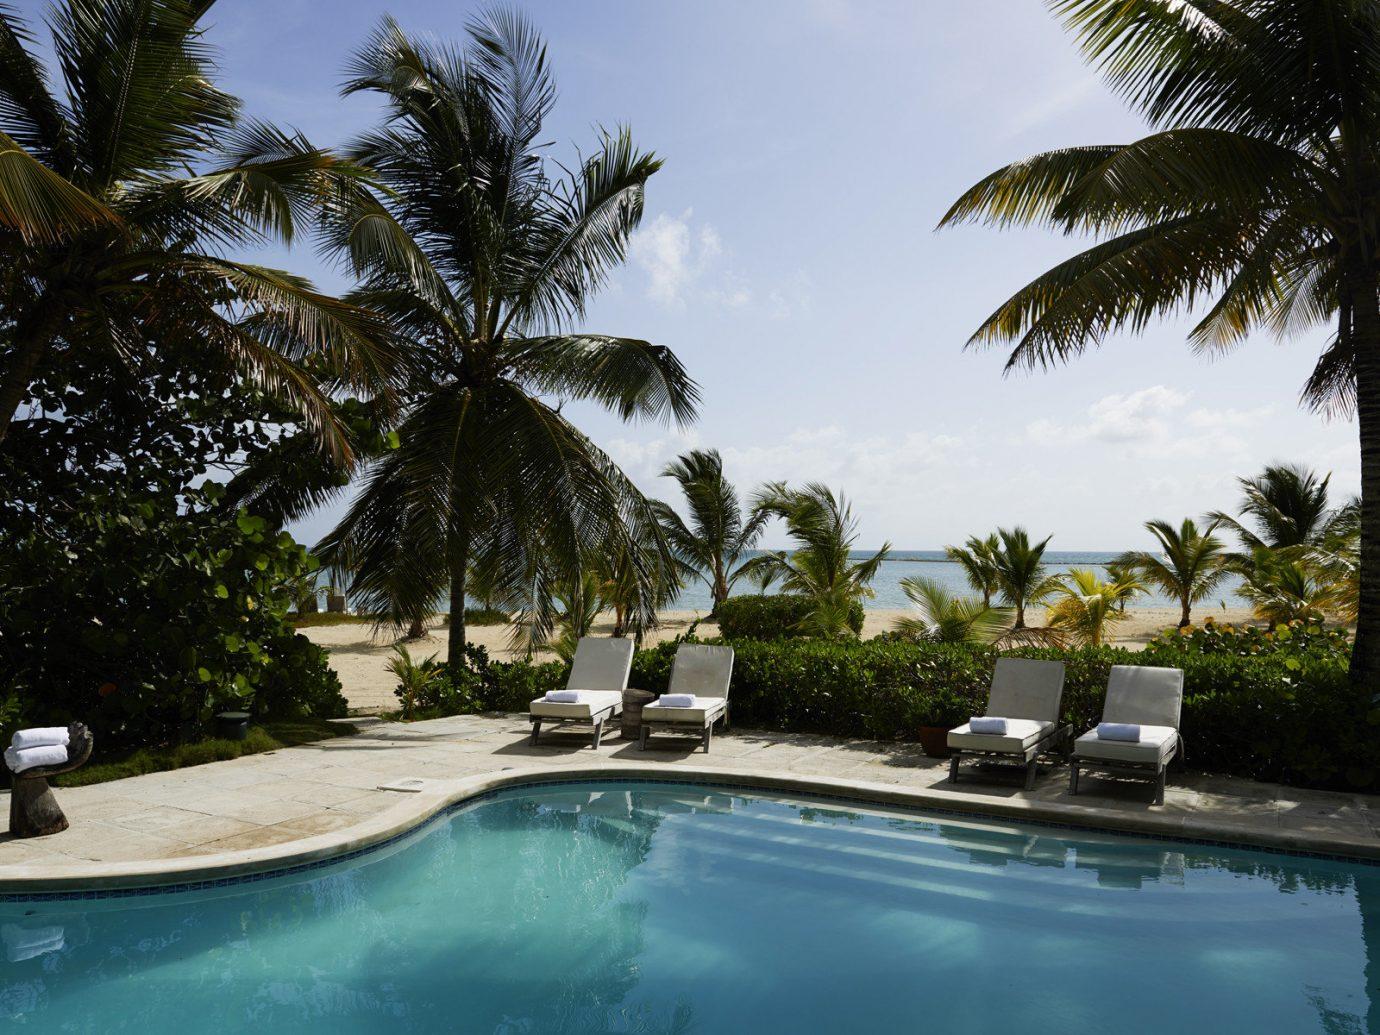 Pool at Kamalame Cay, Bahamas